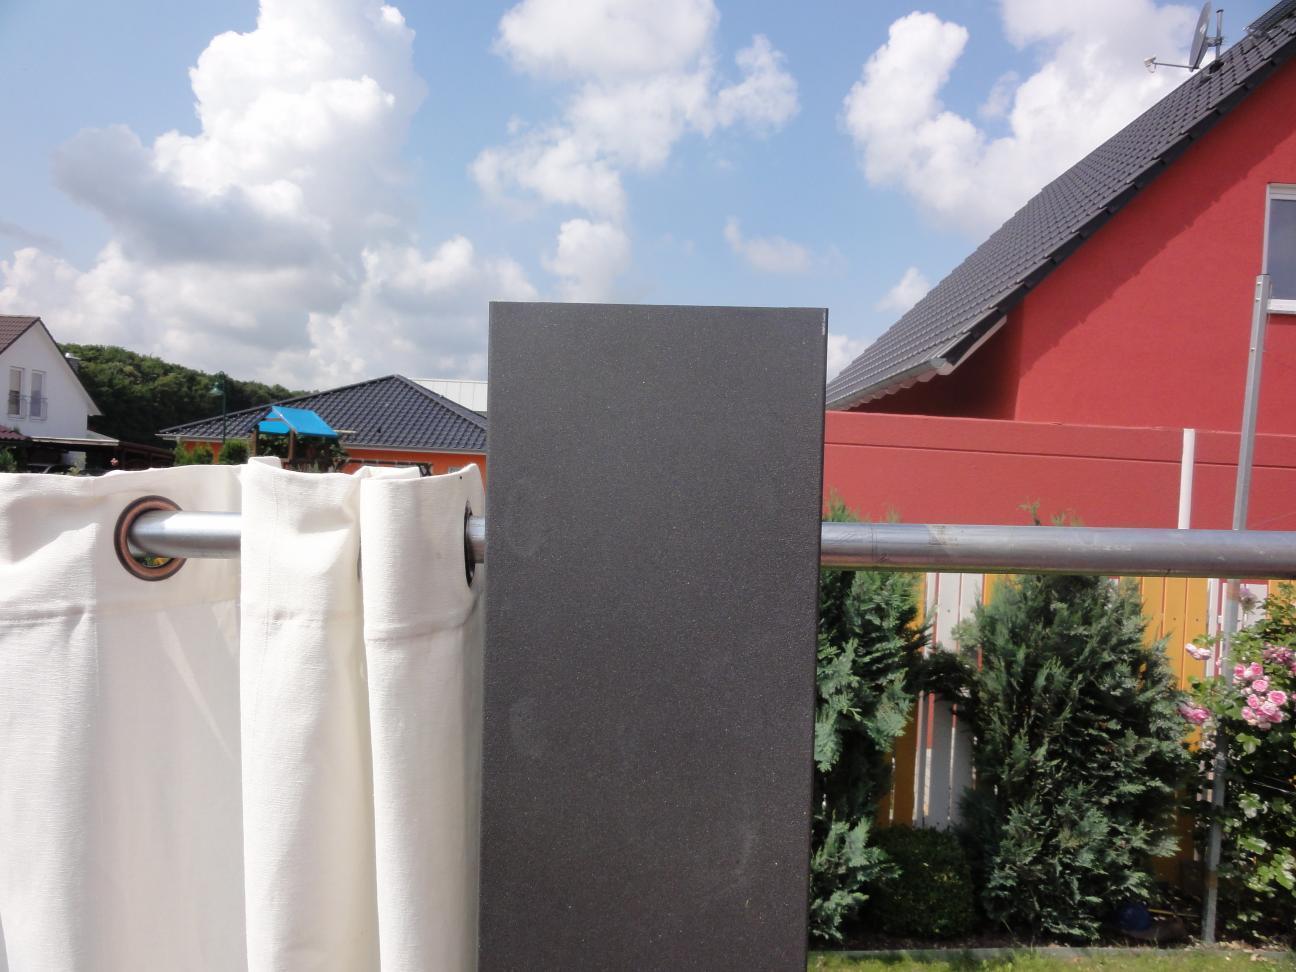 Sichtschutz Mittelsäule 2 2 m x 0 2 x 0 2 m pulverbeschichtet